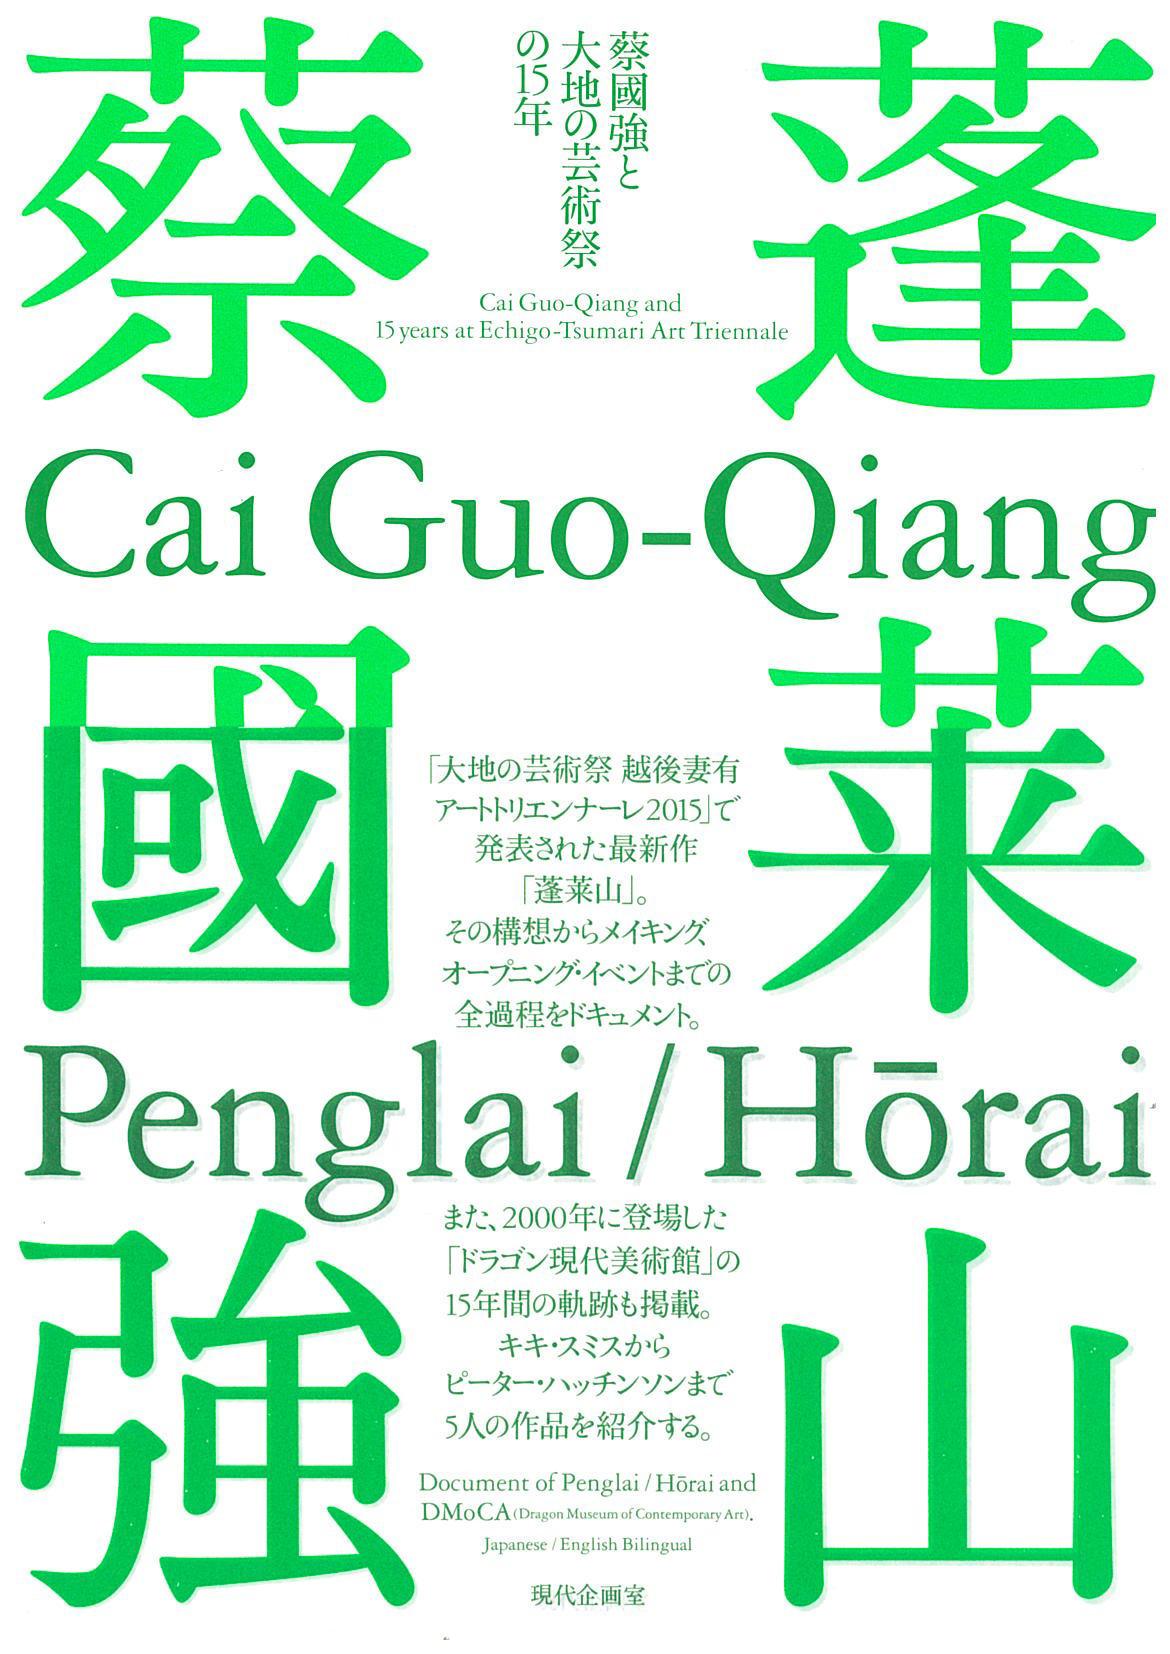 Cai Guo-Qiang and 15 years at Echigo-Tsumari Art Triennale